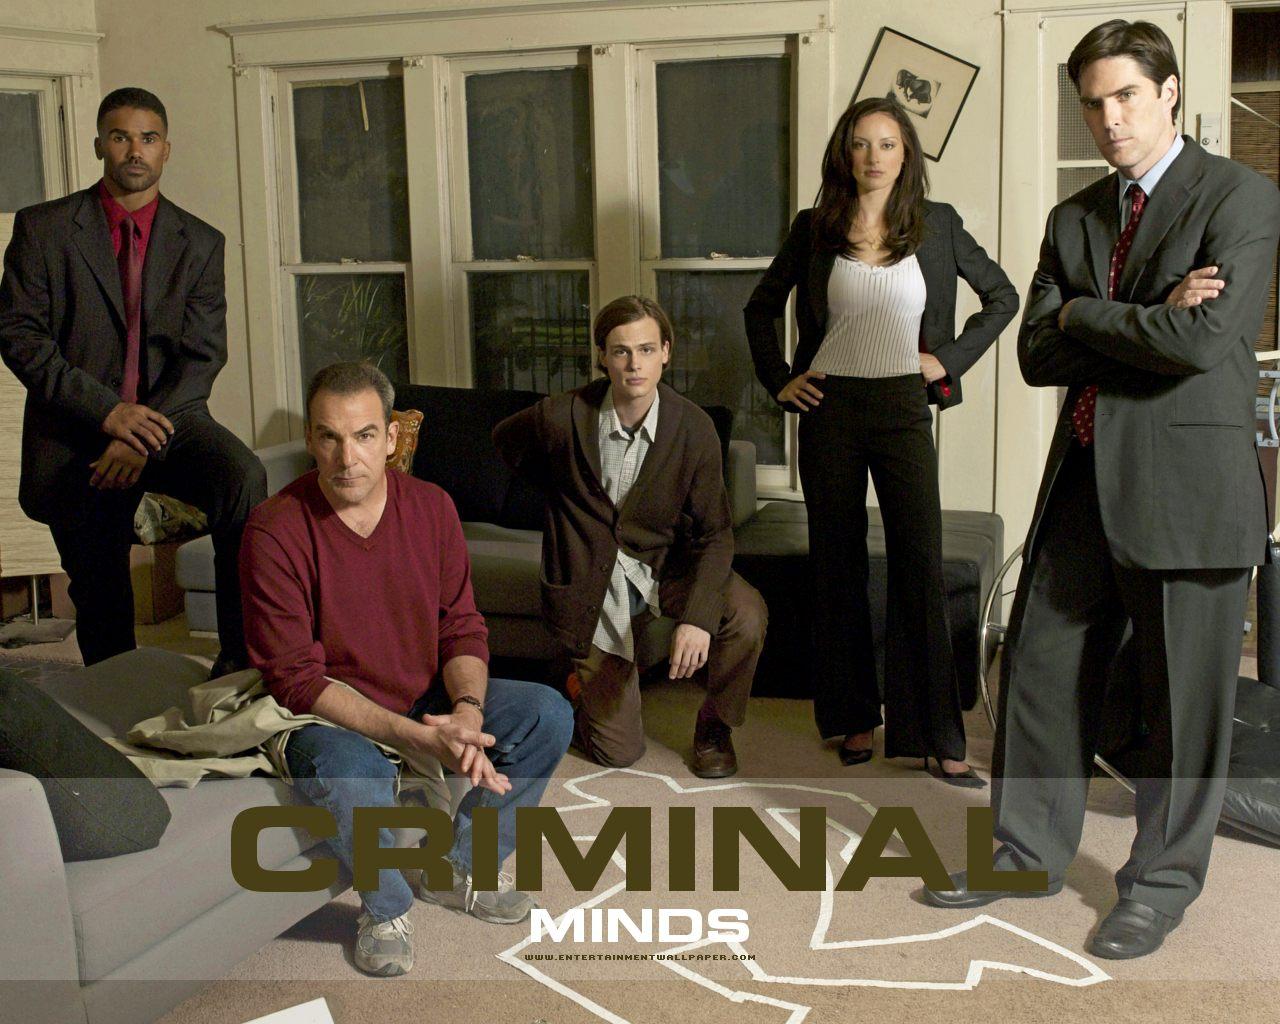 ver serie Criminal Minds online gratis